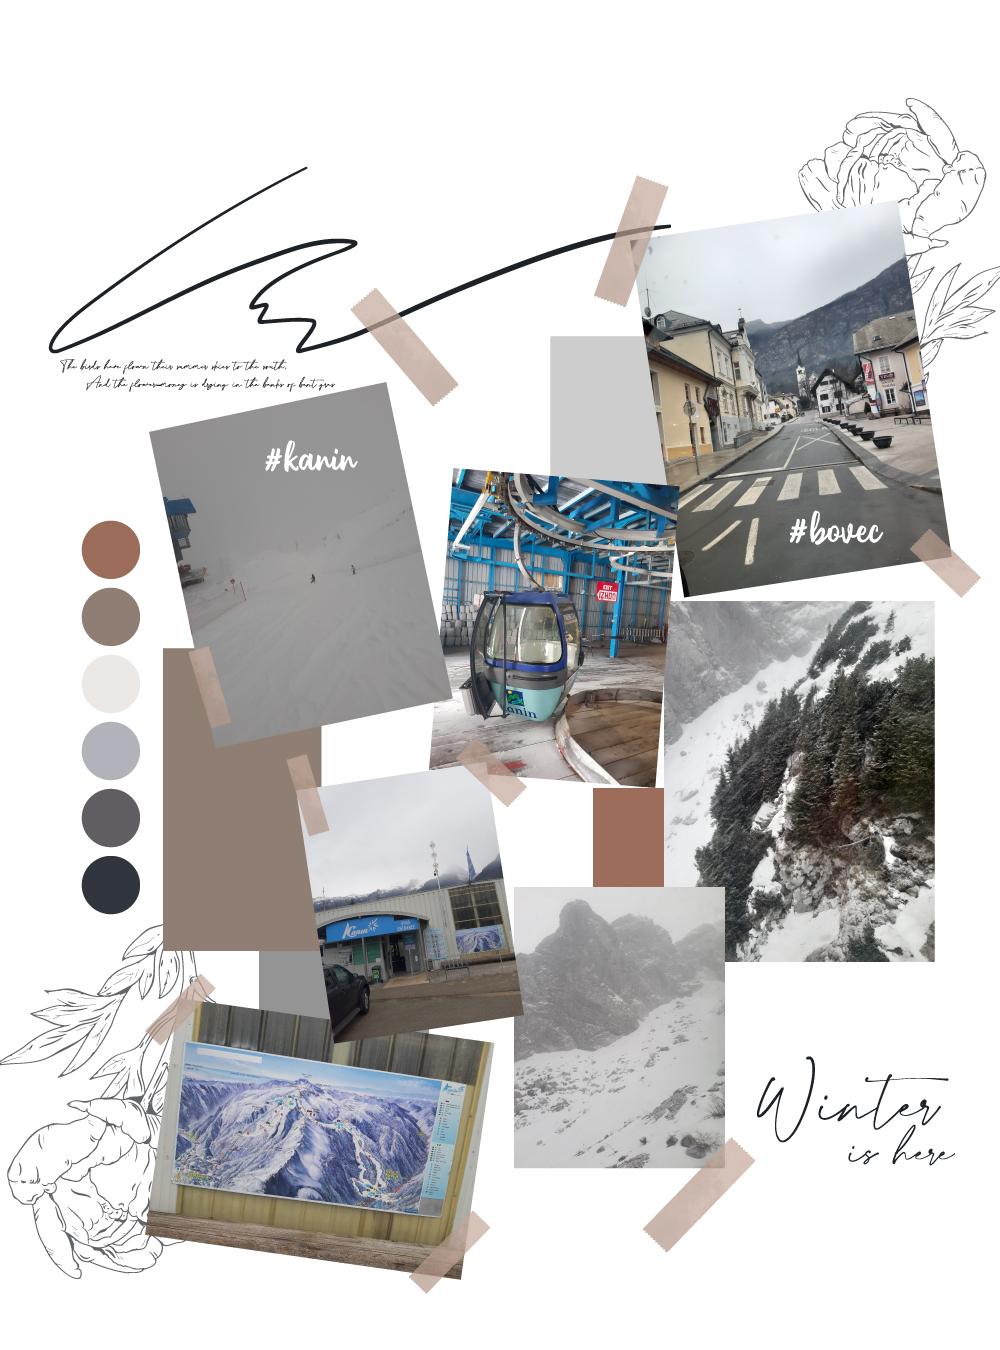 kaninbovec text Vodič za zimu u Sloveniji: Mesta koja treba da posetiš + iskustva koja treba da doživiš